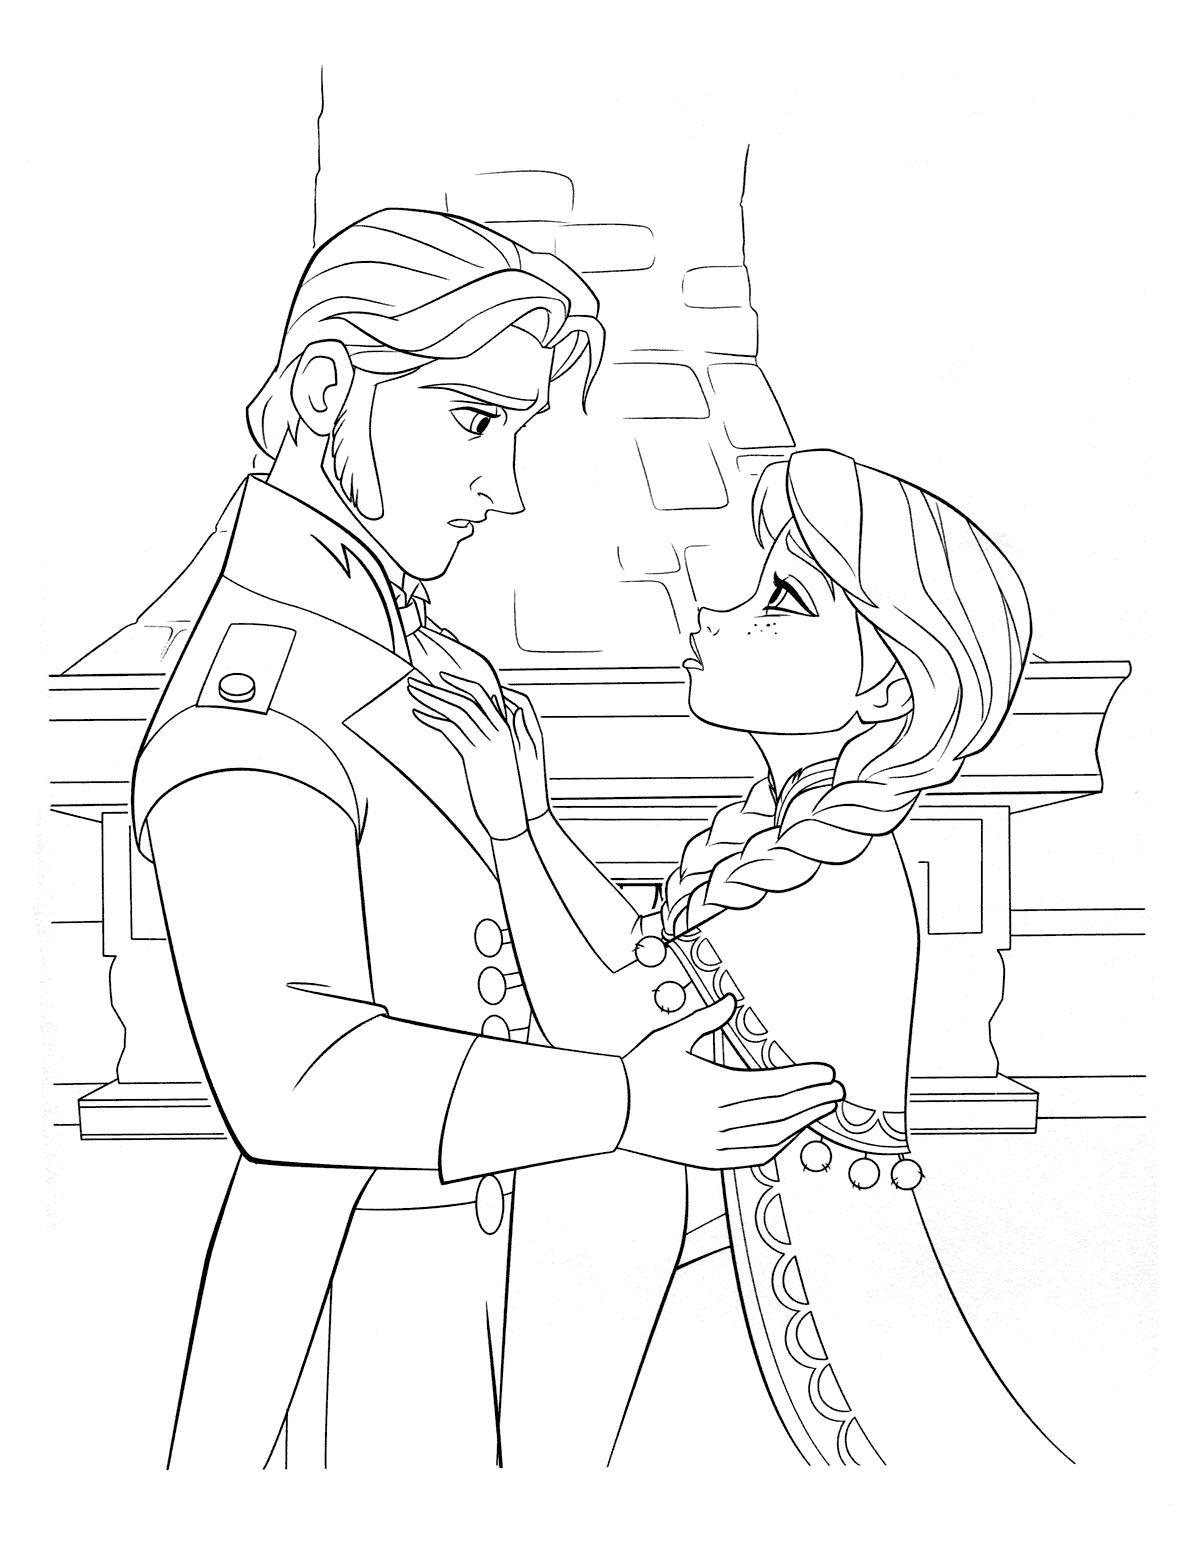 Раскраска ханс и анна. раскраска принц ганс и принцесса анна. анна просит о поцелуе, думаю что именно ганс - её истинная любовь. а он лживый и двуличный подлец.